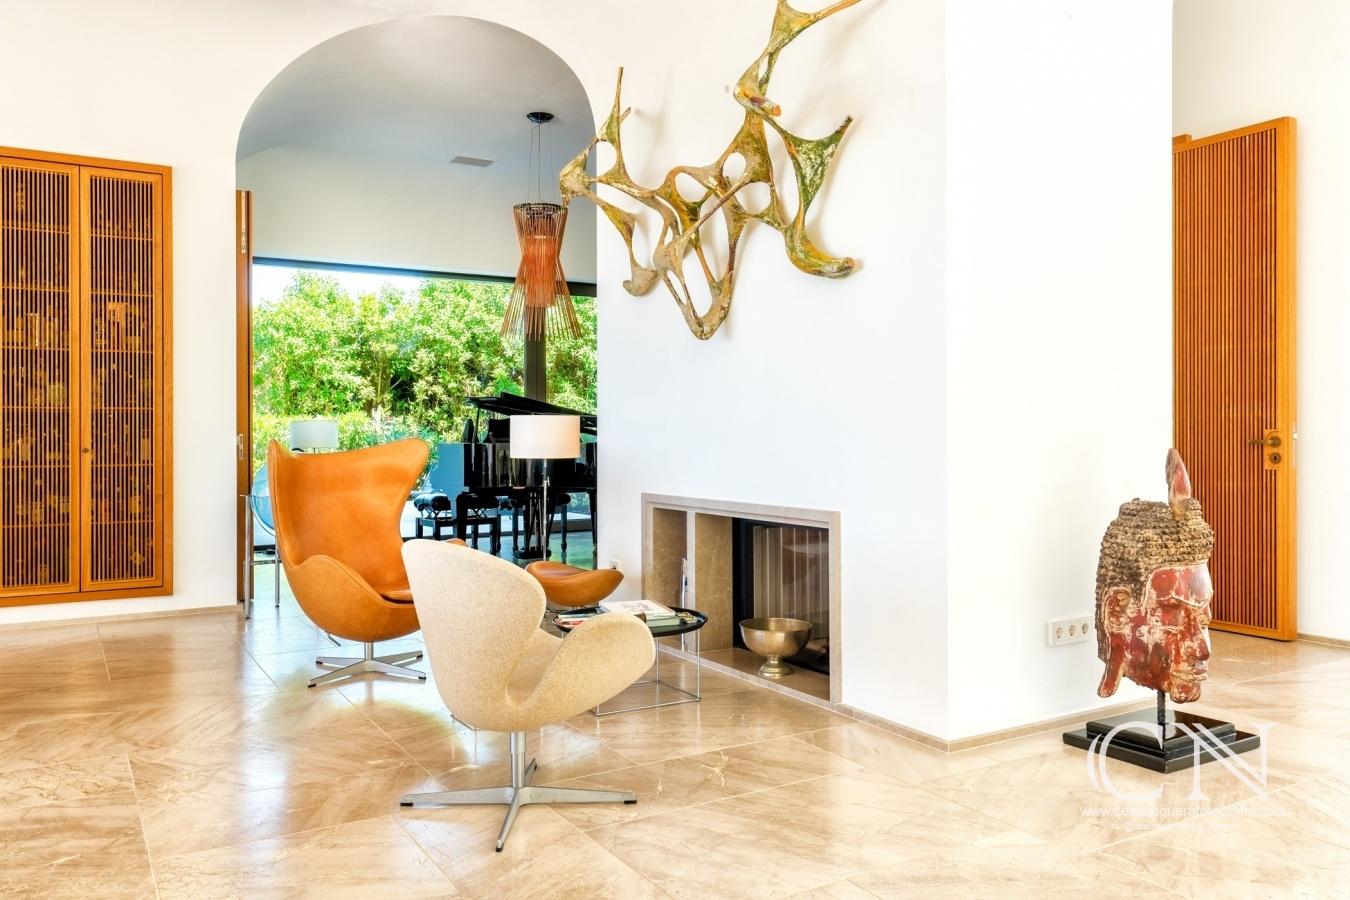 Casa a Cala Blava - Cesc Noguera Fotografía, Cuando la fotografía es una pasión, Architectural & Interior design photographer / Landscape Photography